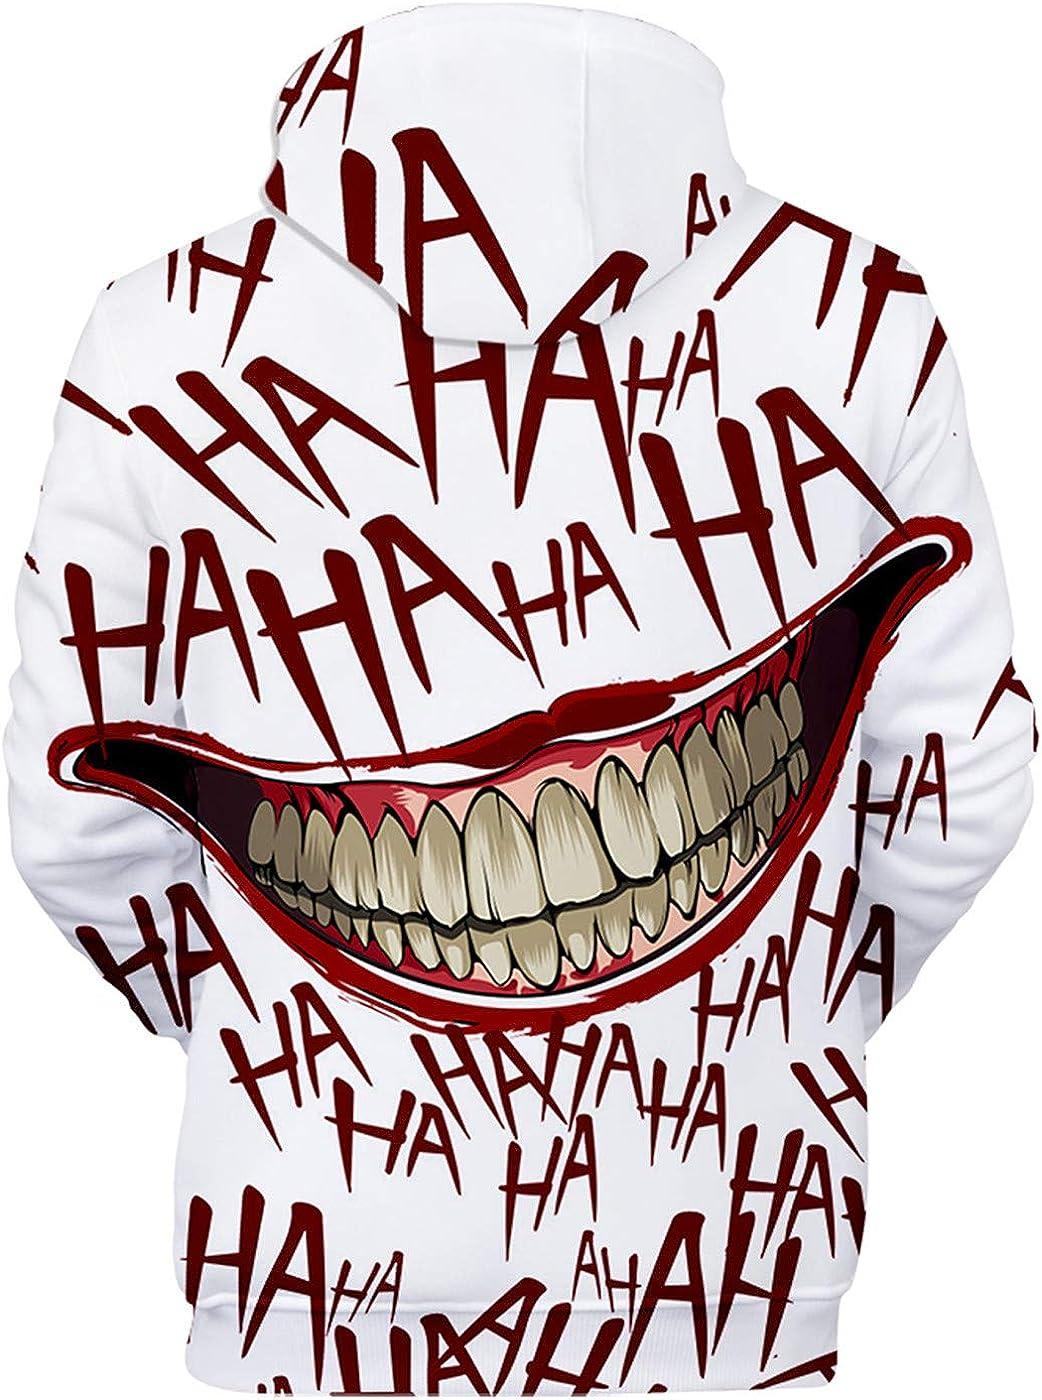 SIMYJOY 3D impresi/ón Sudadera con Capucha de Suicide Squad Joker Print Jersey para Hombres Mujeres y Adolescentes